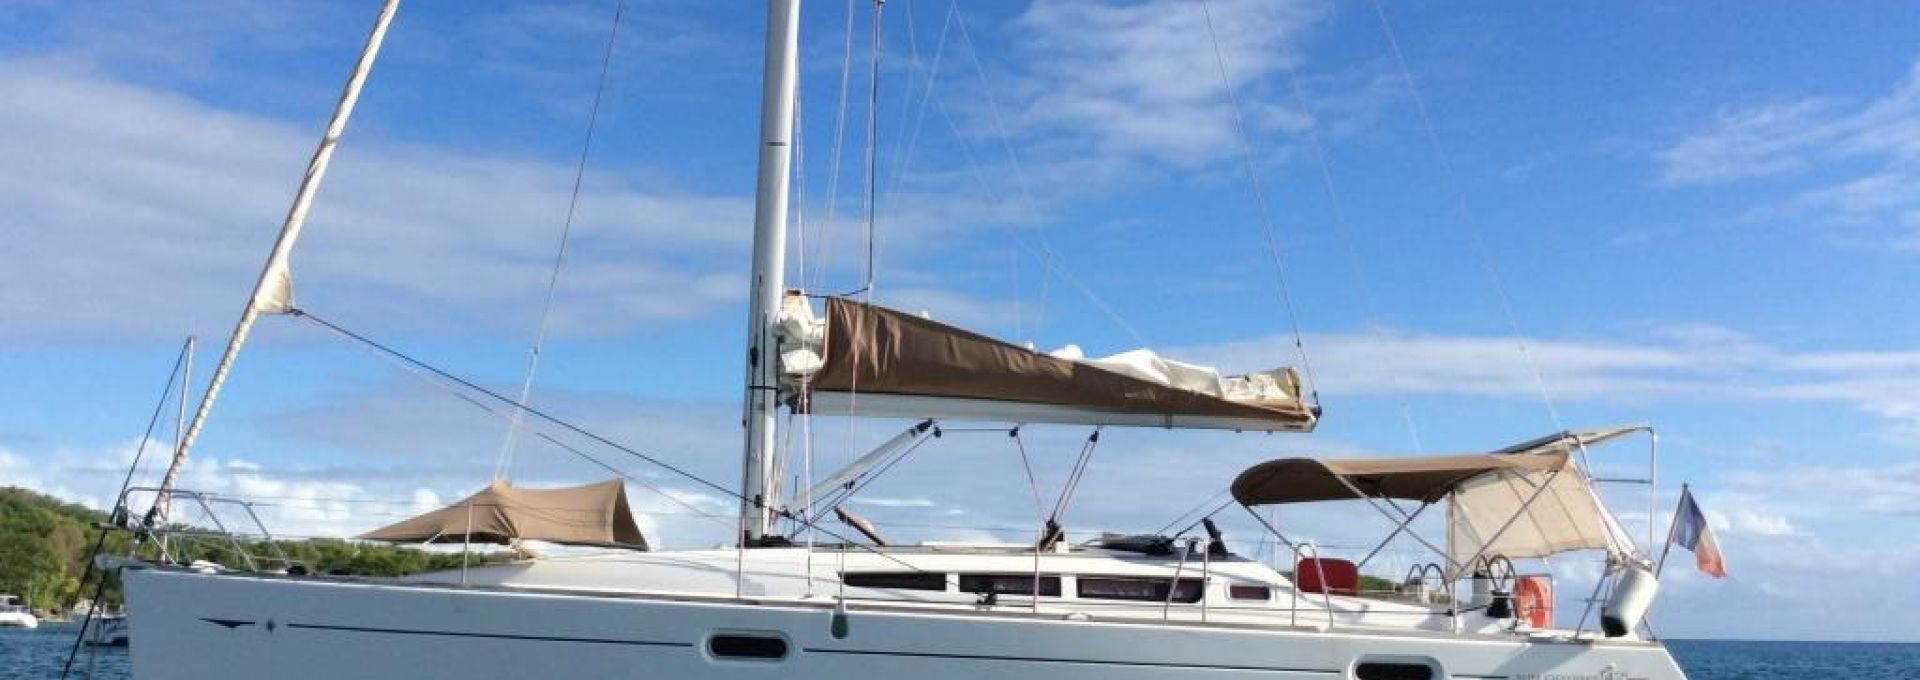 Sun odyssey 42 i à louer au départ de Martinique